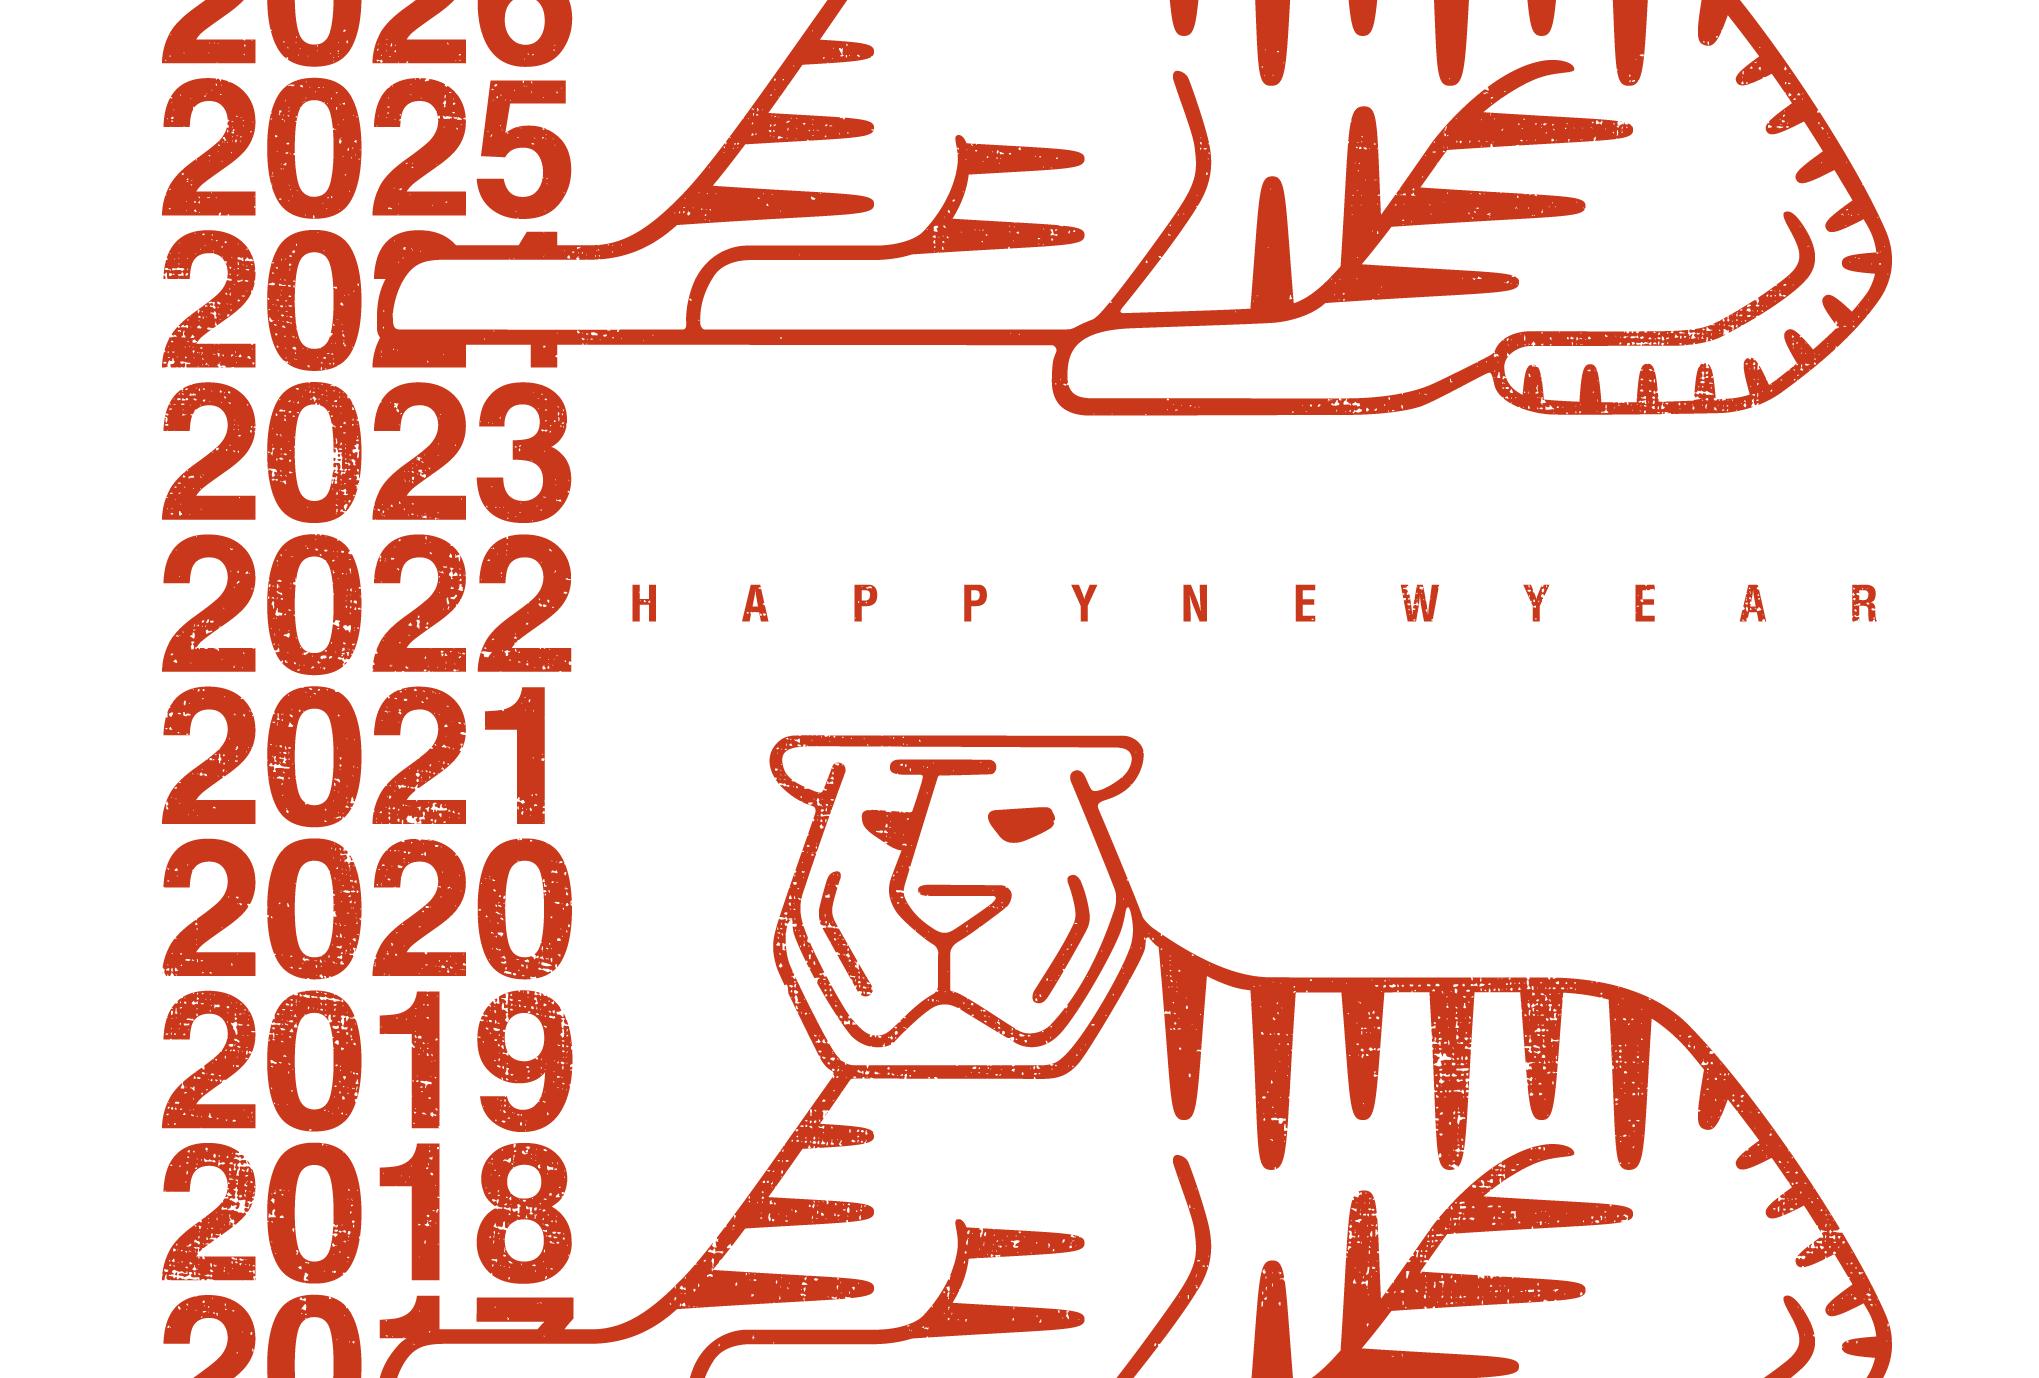 2022年賀状06-2:寅 Slide 2022 / 伏虎(赤)のダウンロード画像